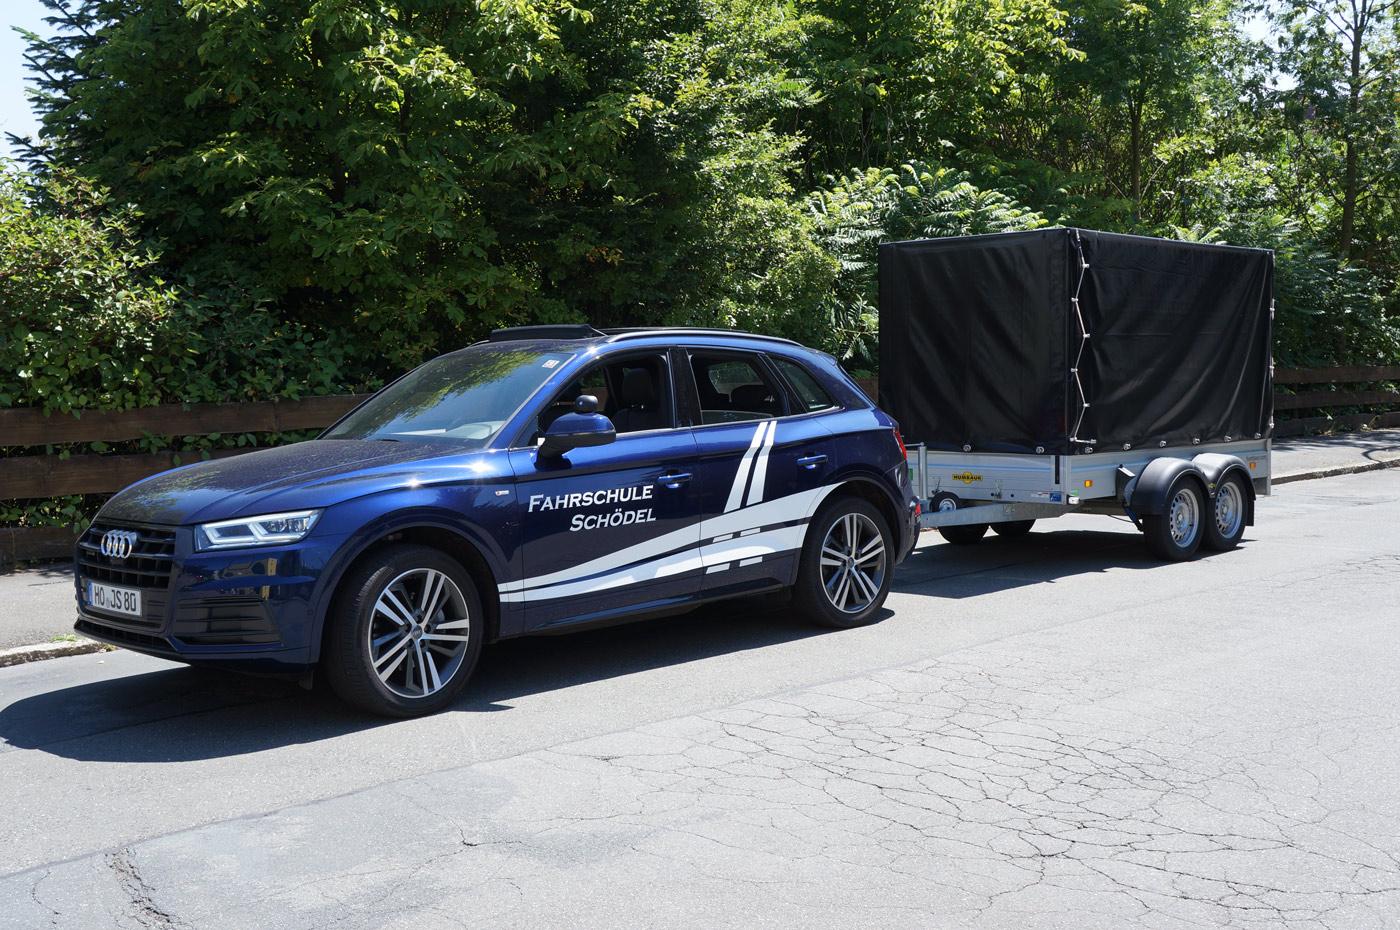 Audi Q5 mit Anhänger